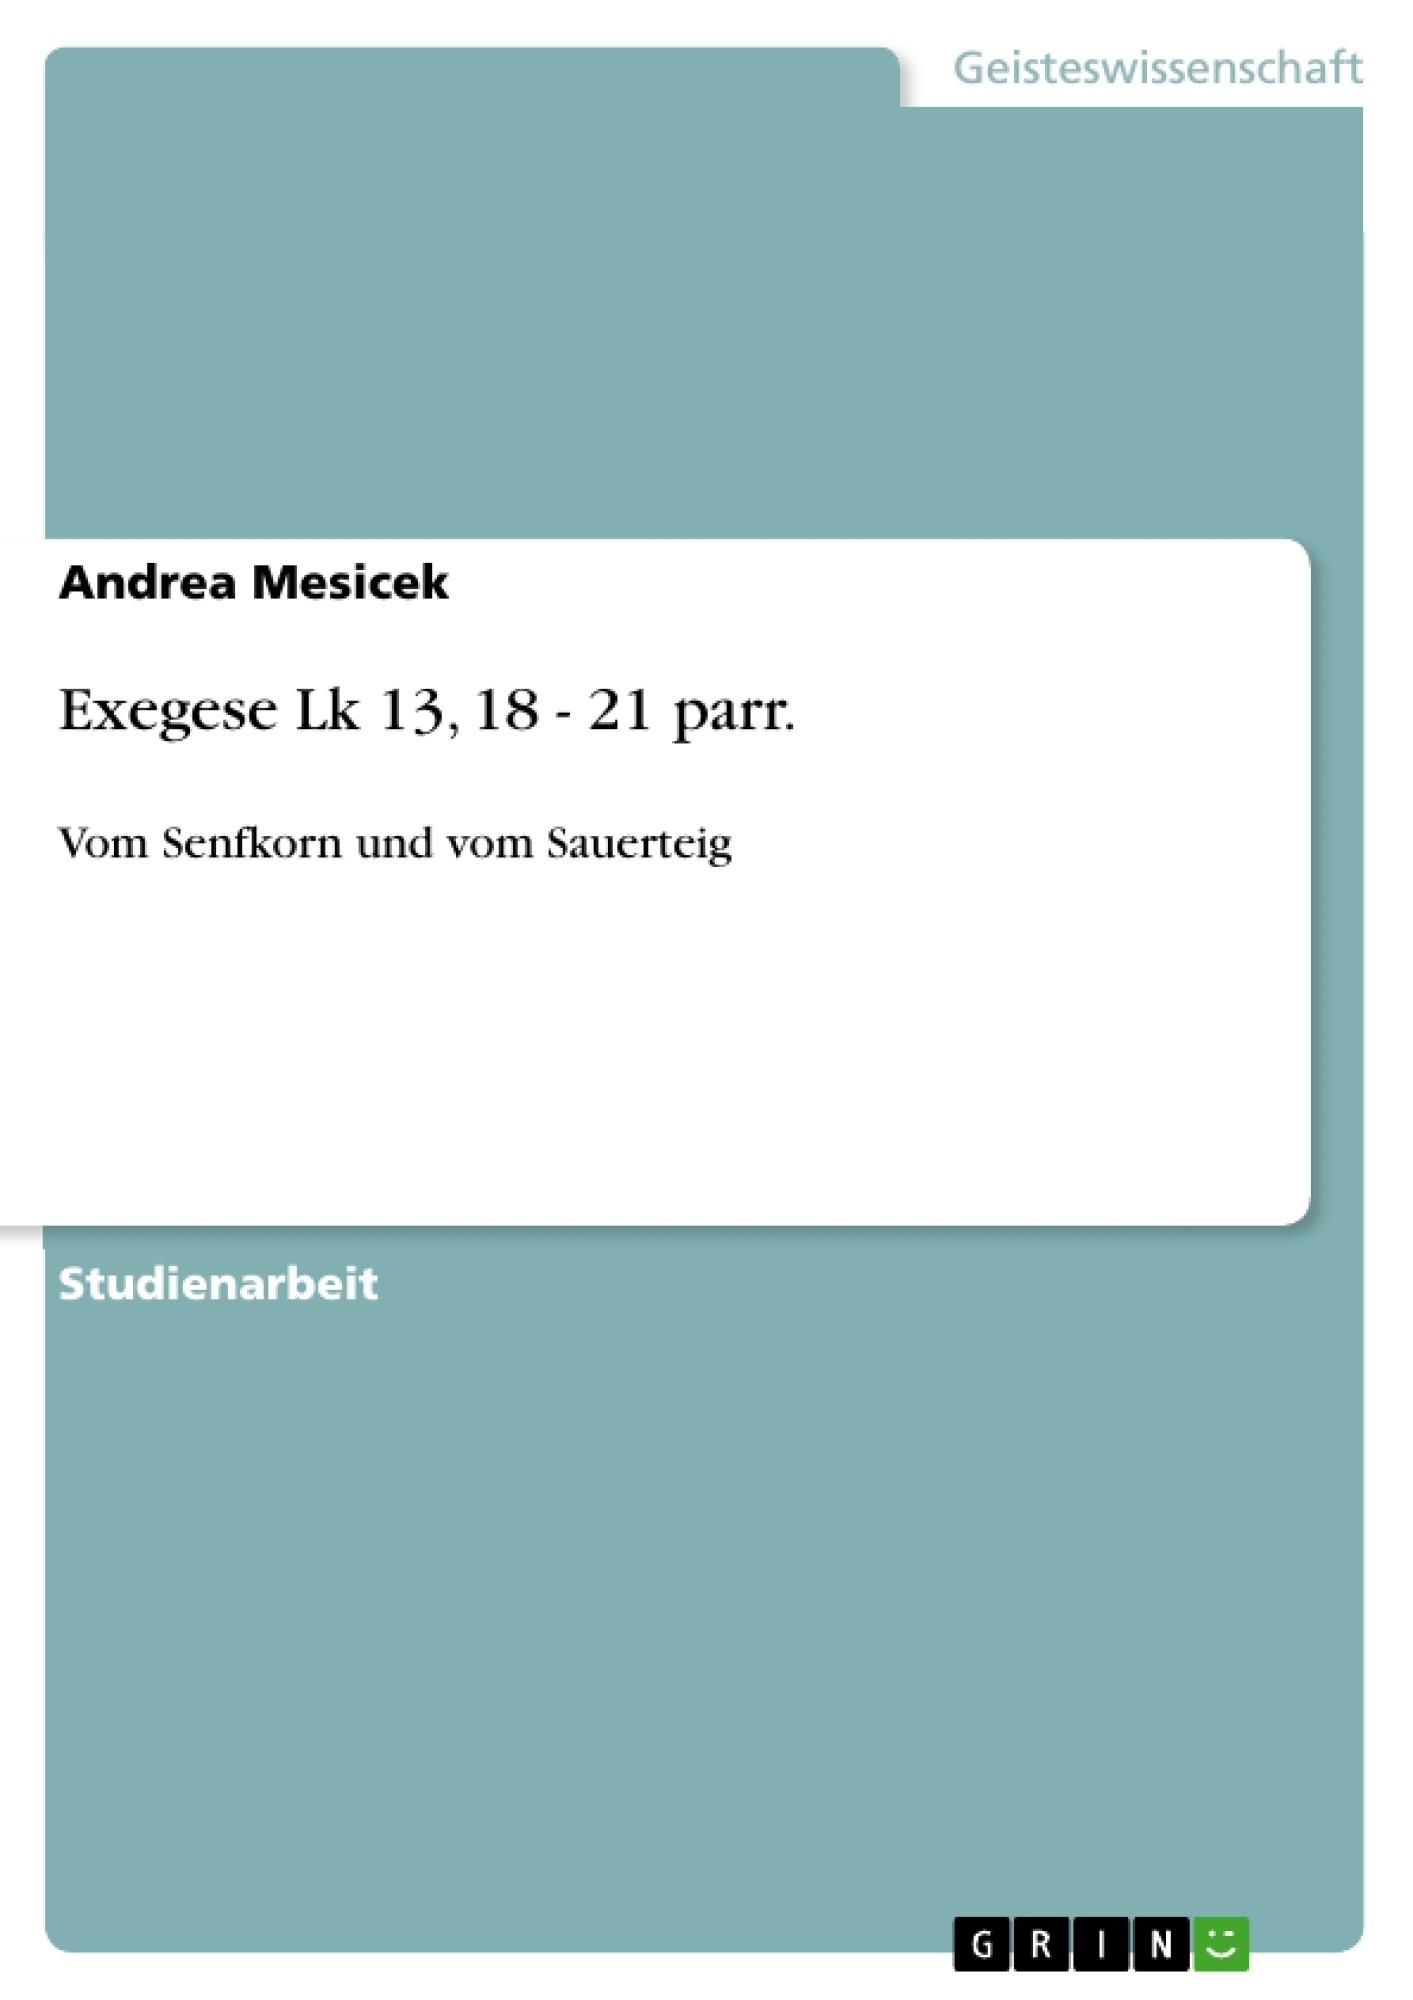 Titel: Exegese Lk 13, 18 - 21 parr.